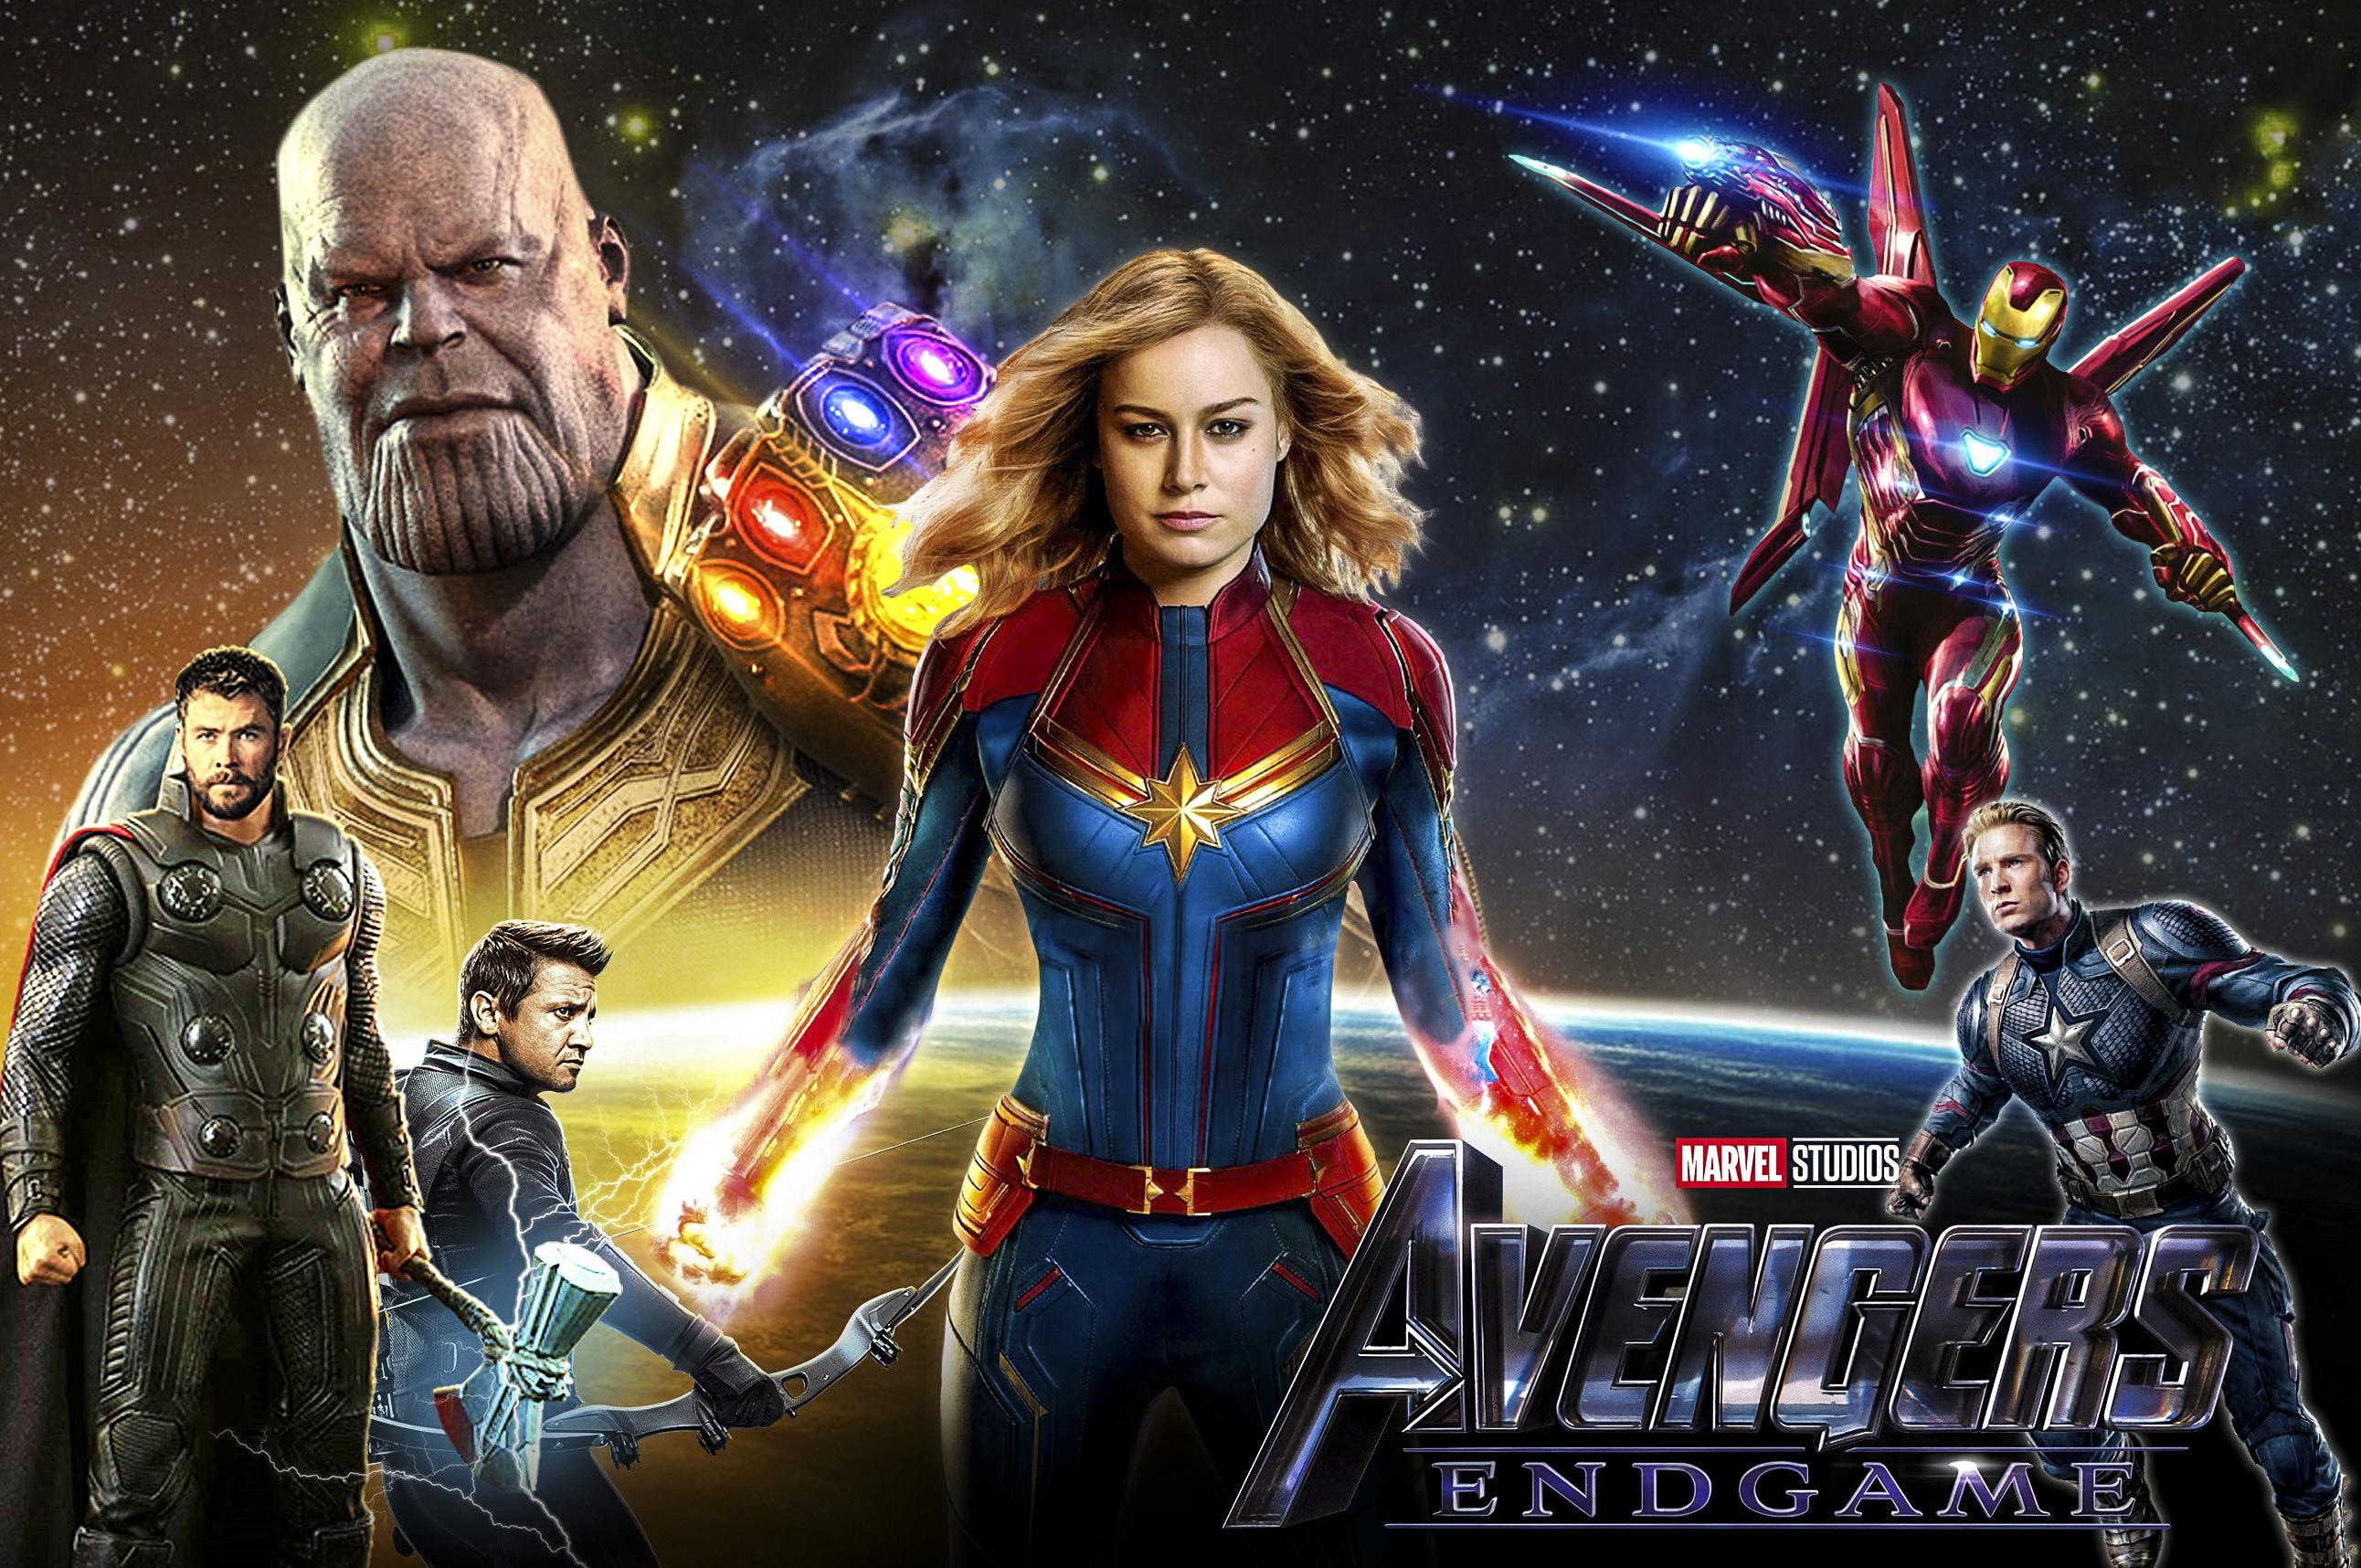 Avengers Endgame Fond D écran Hd Arrière Plan 2584x1716